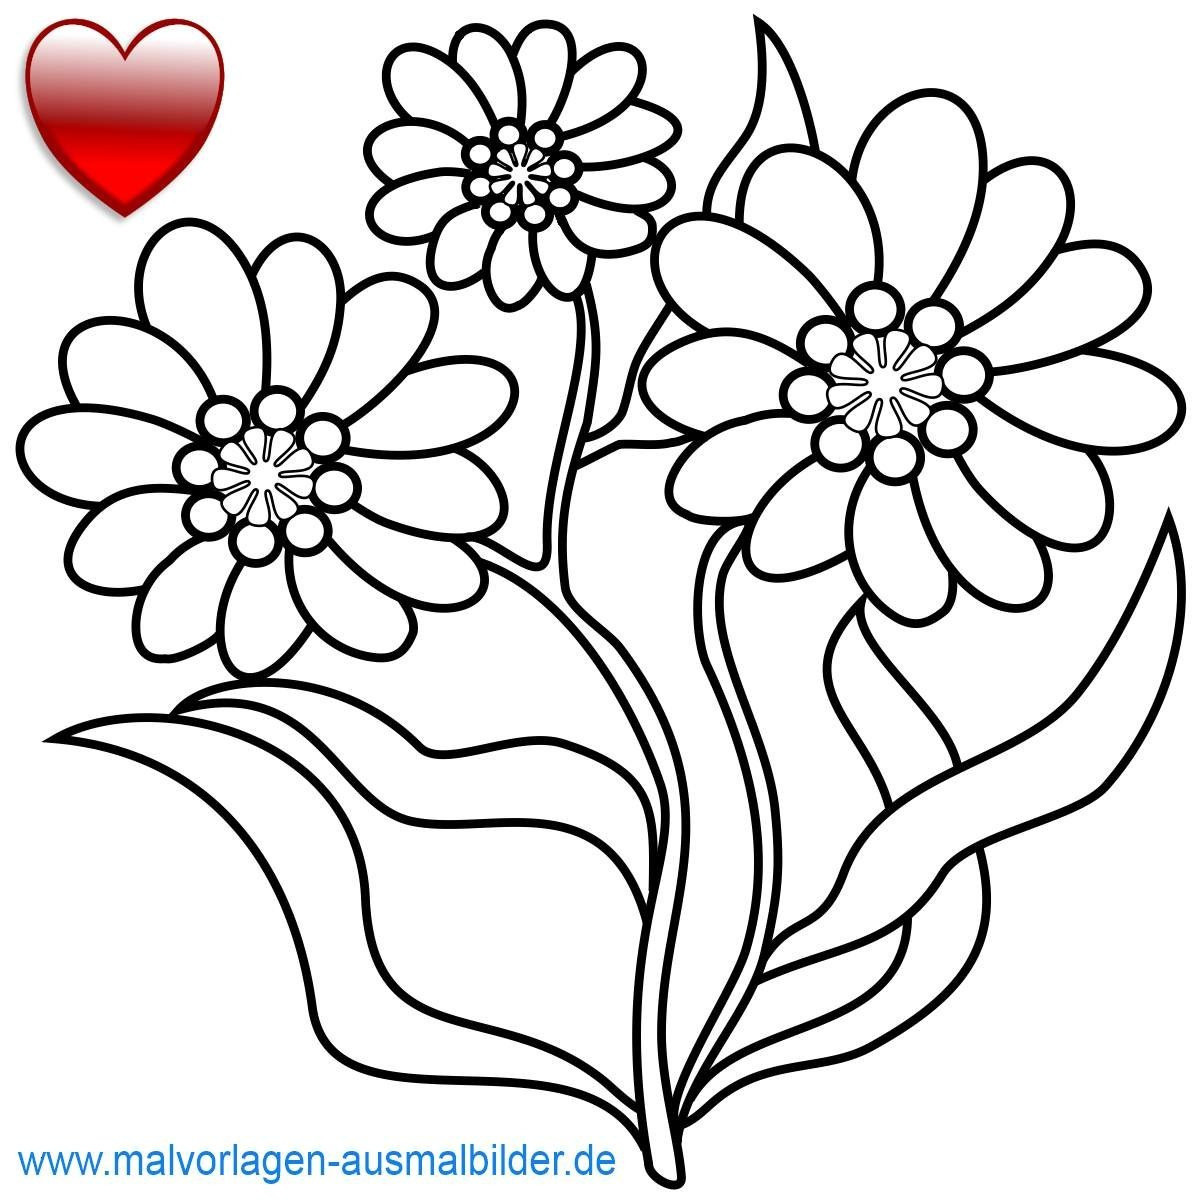 Malvorlagen Blumen Ranken Kostenlos Neu Karte Blumen